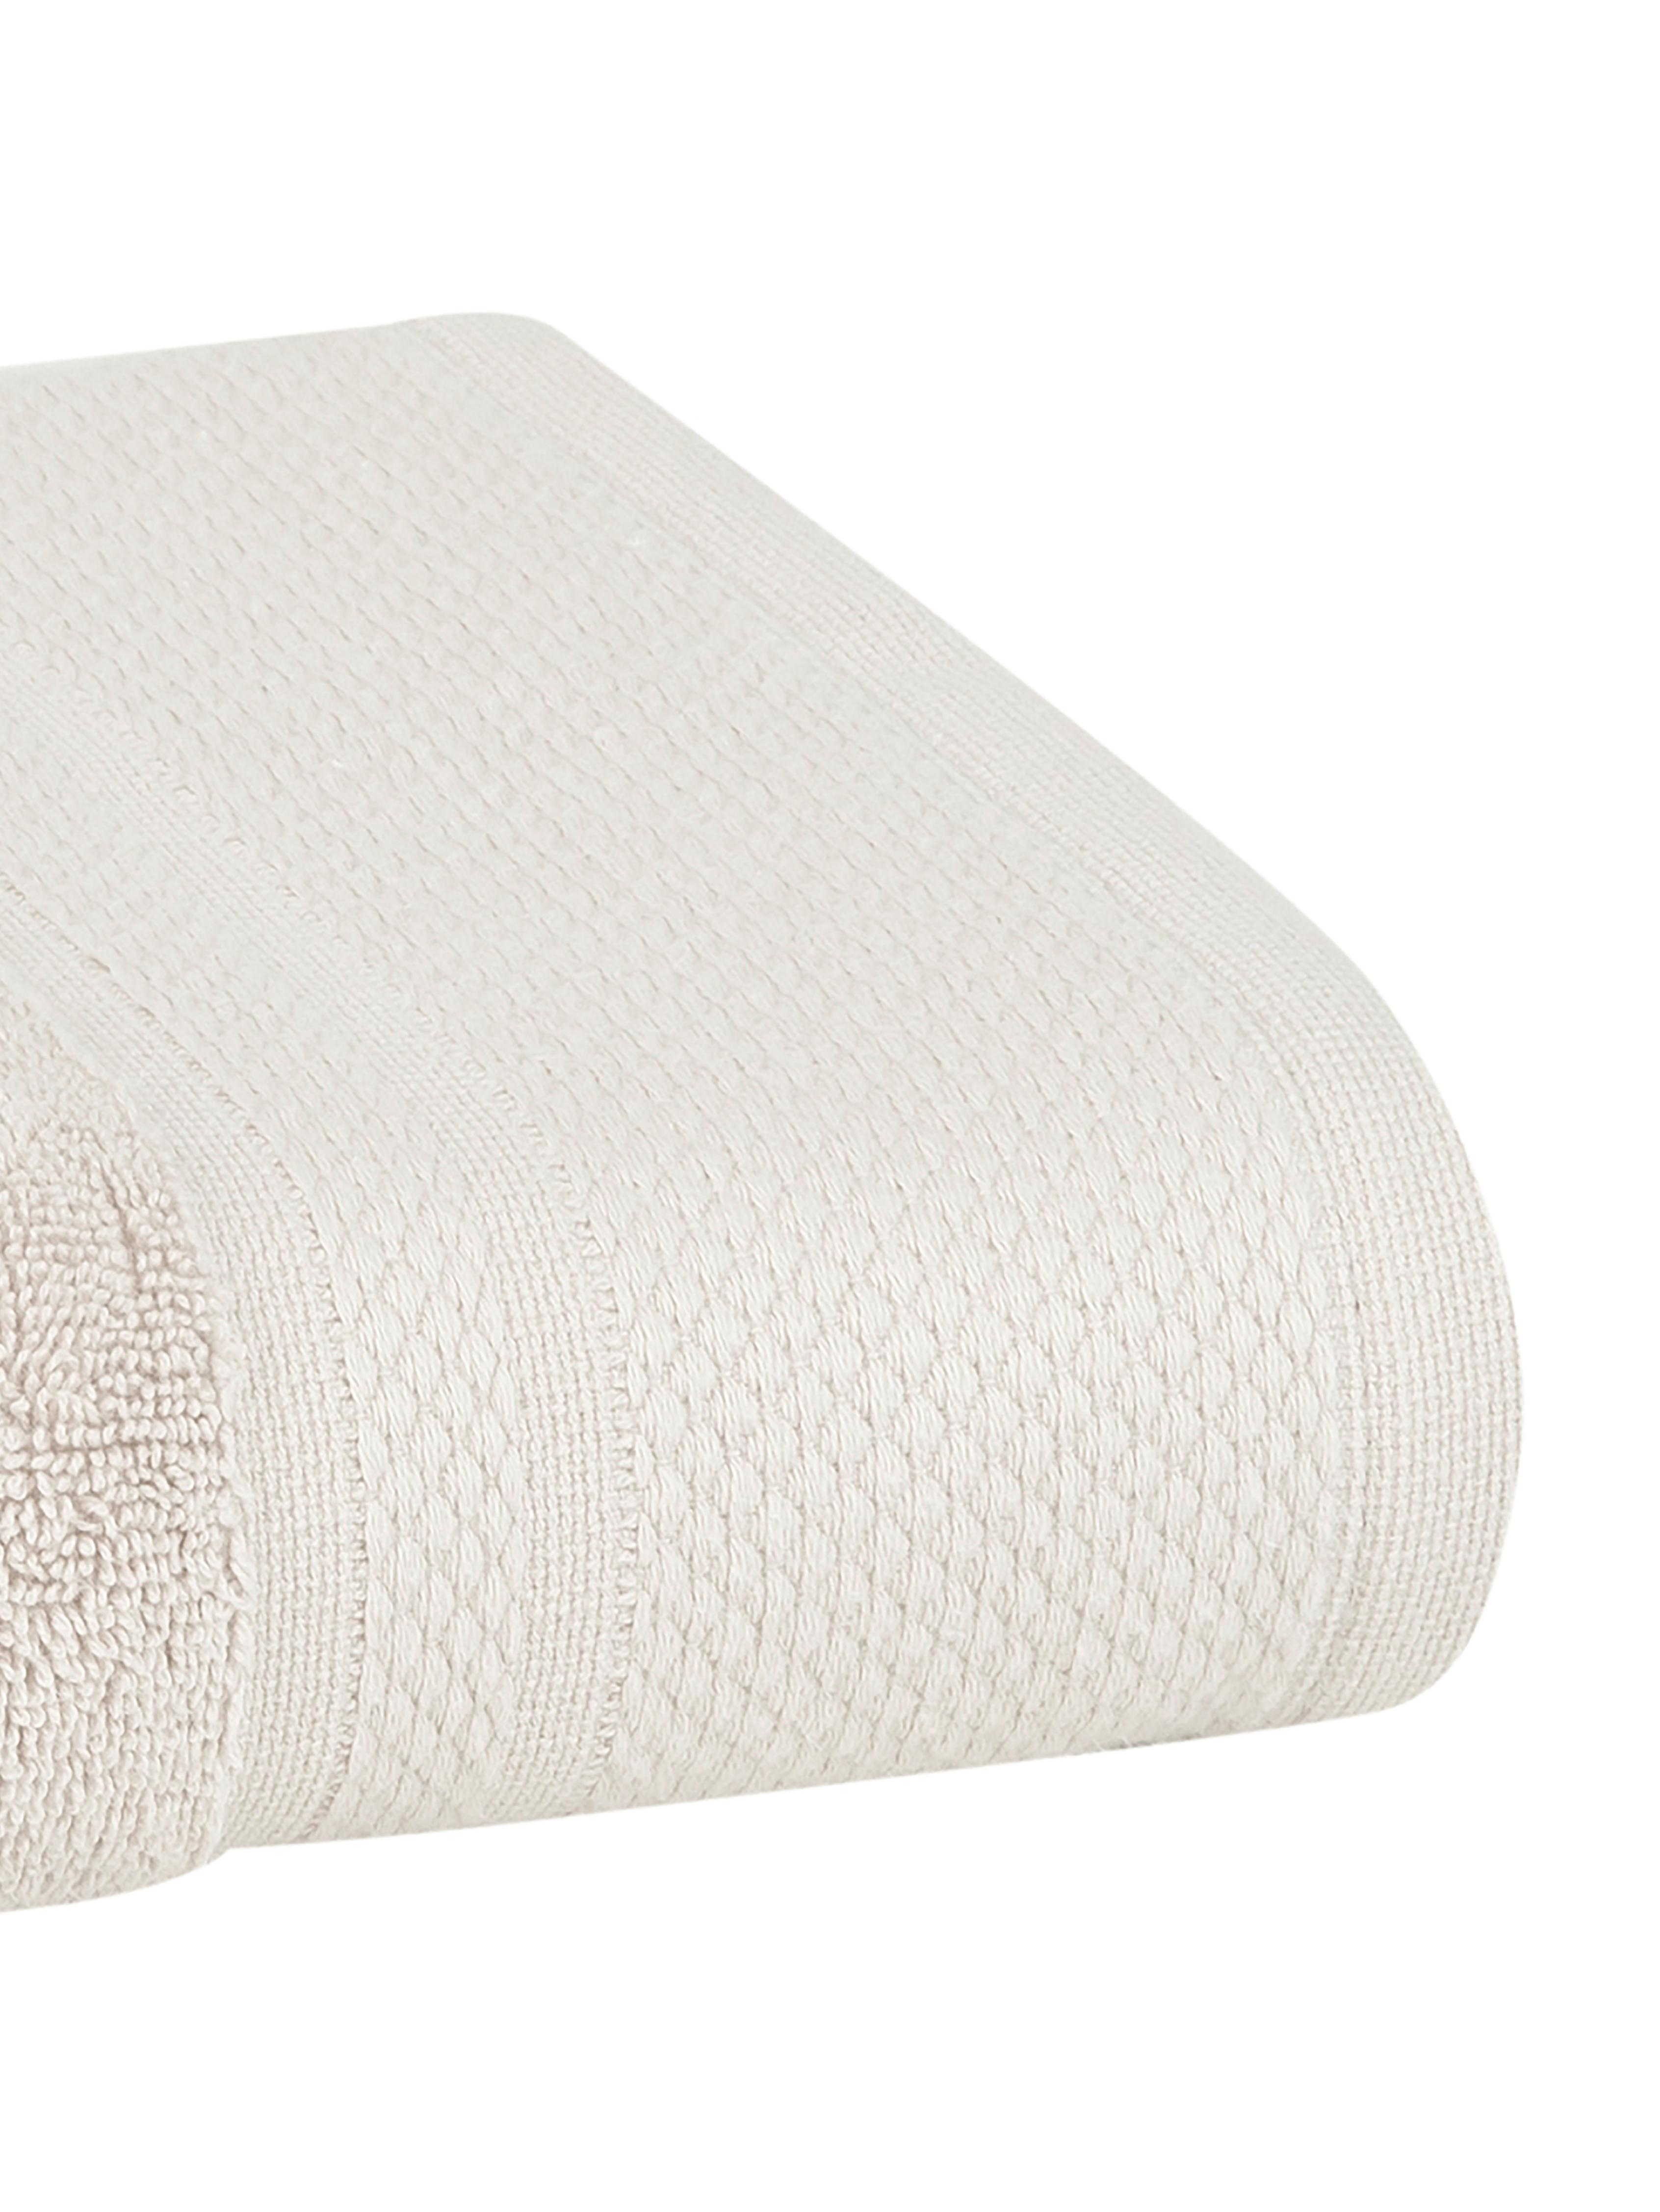 Handtuch-Set Premium mit klassischer Zierbordüre, 3-tlg., Beige, Sondergrößen